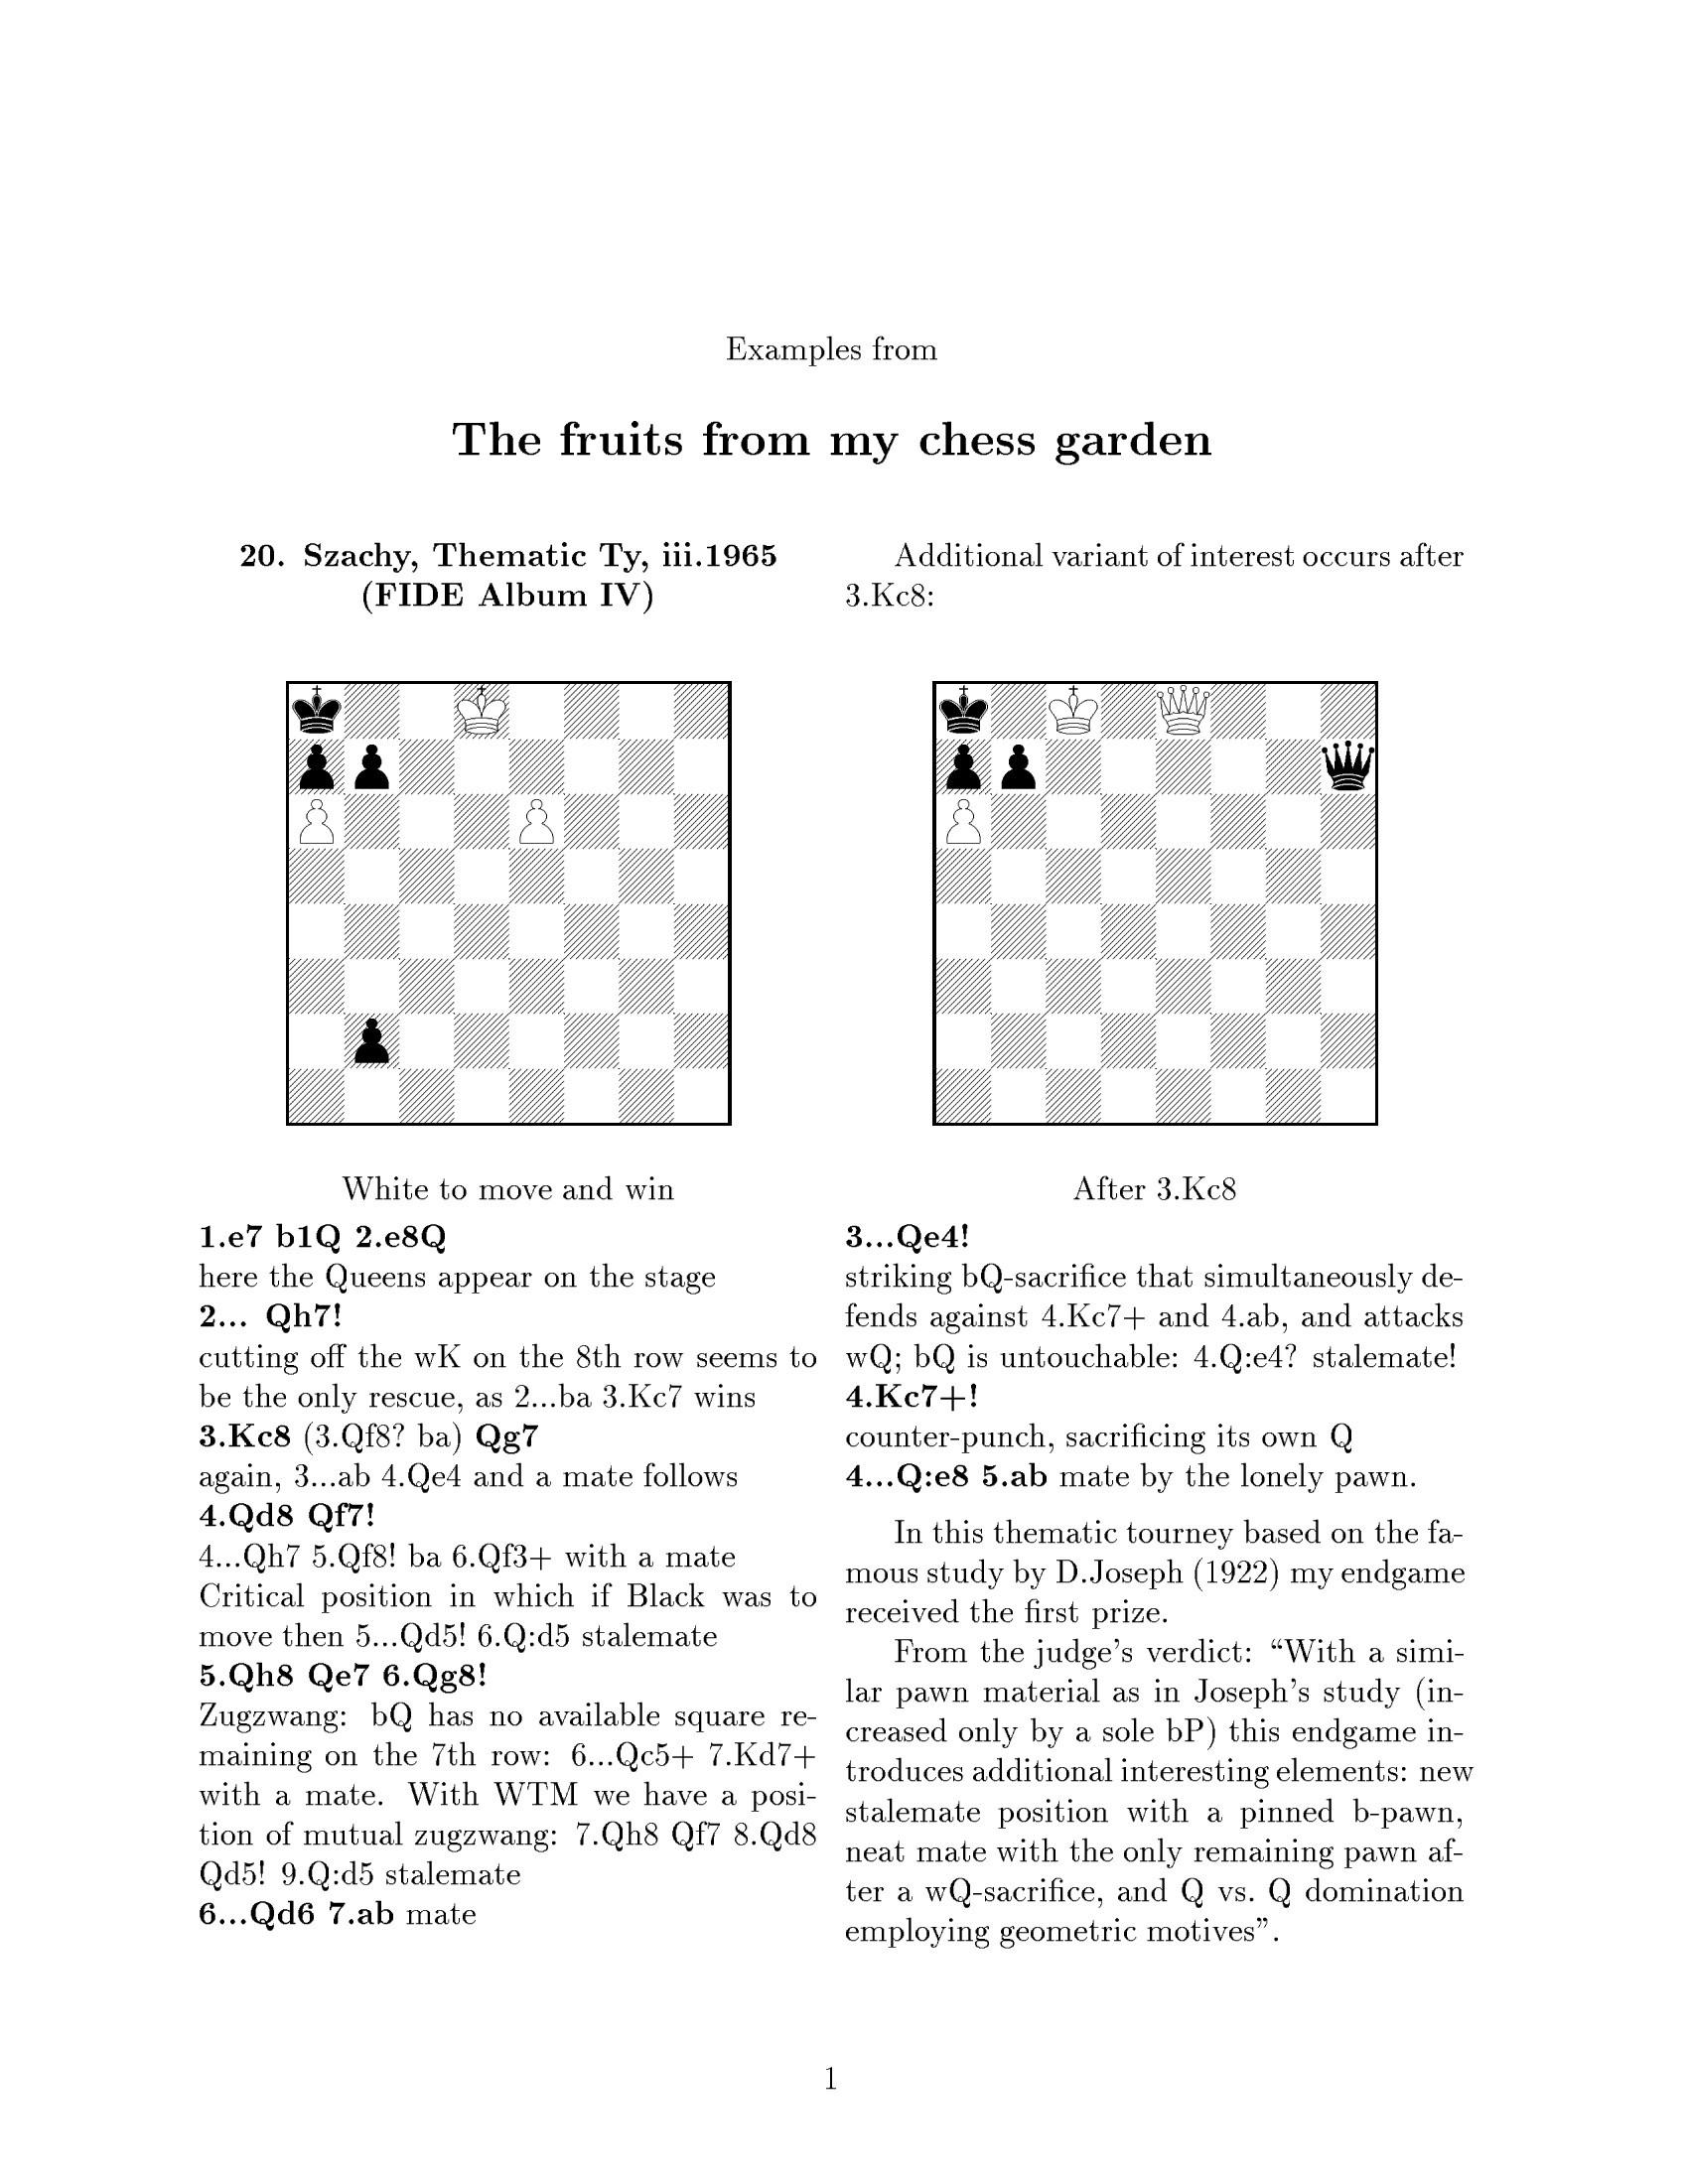 szachowe przykladypdf-0